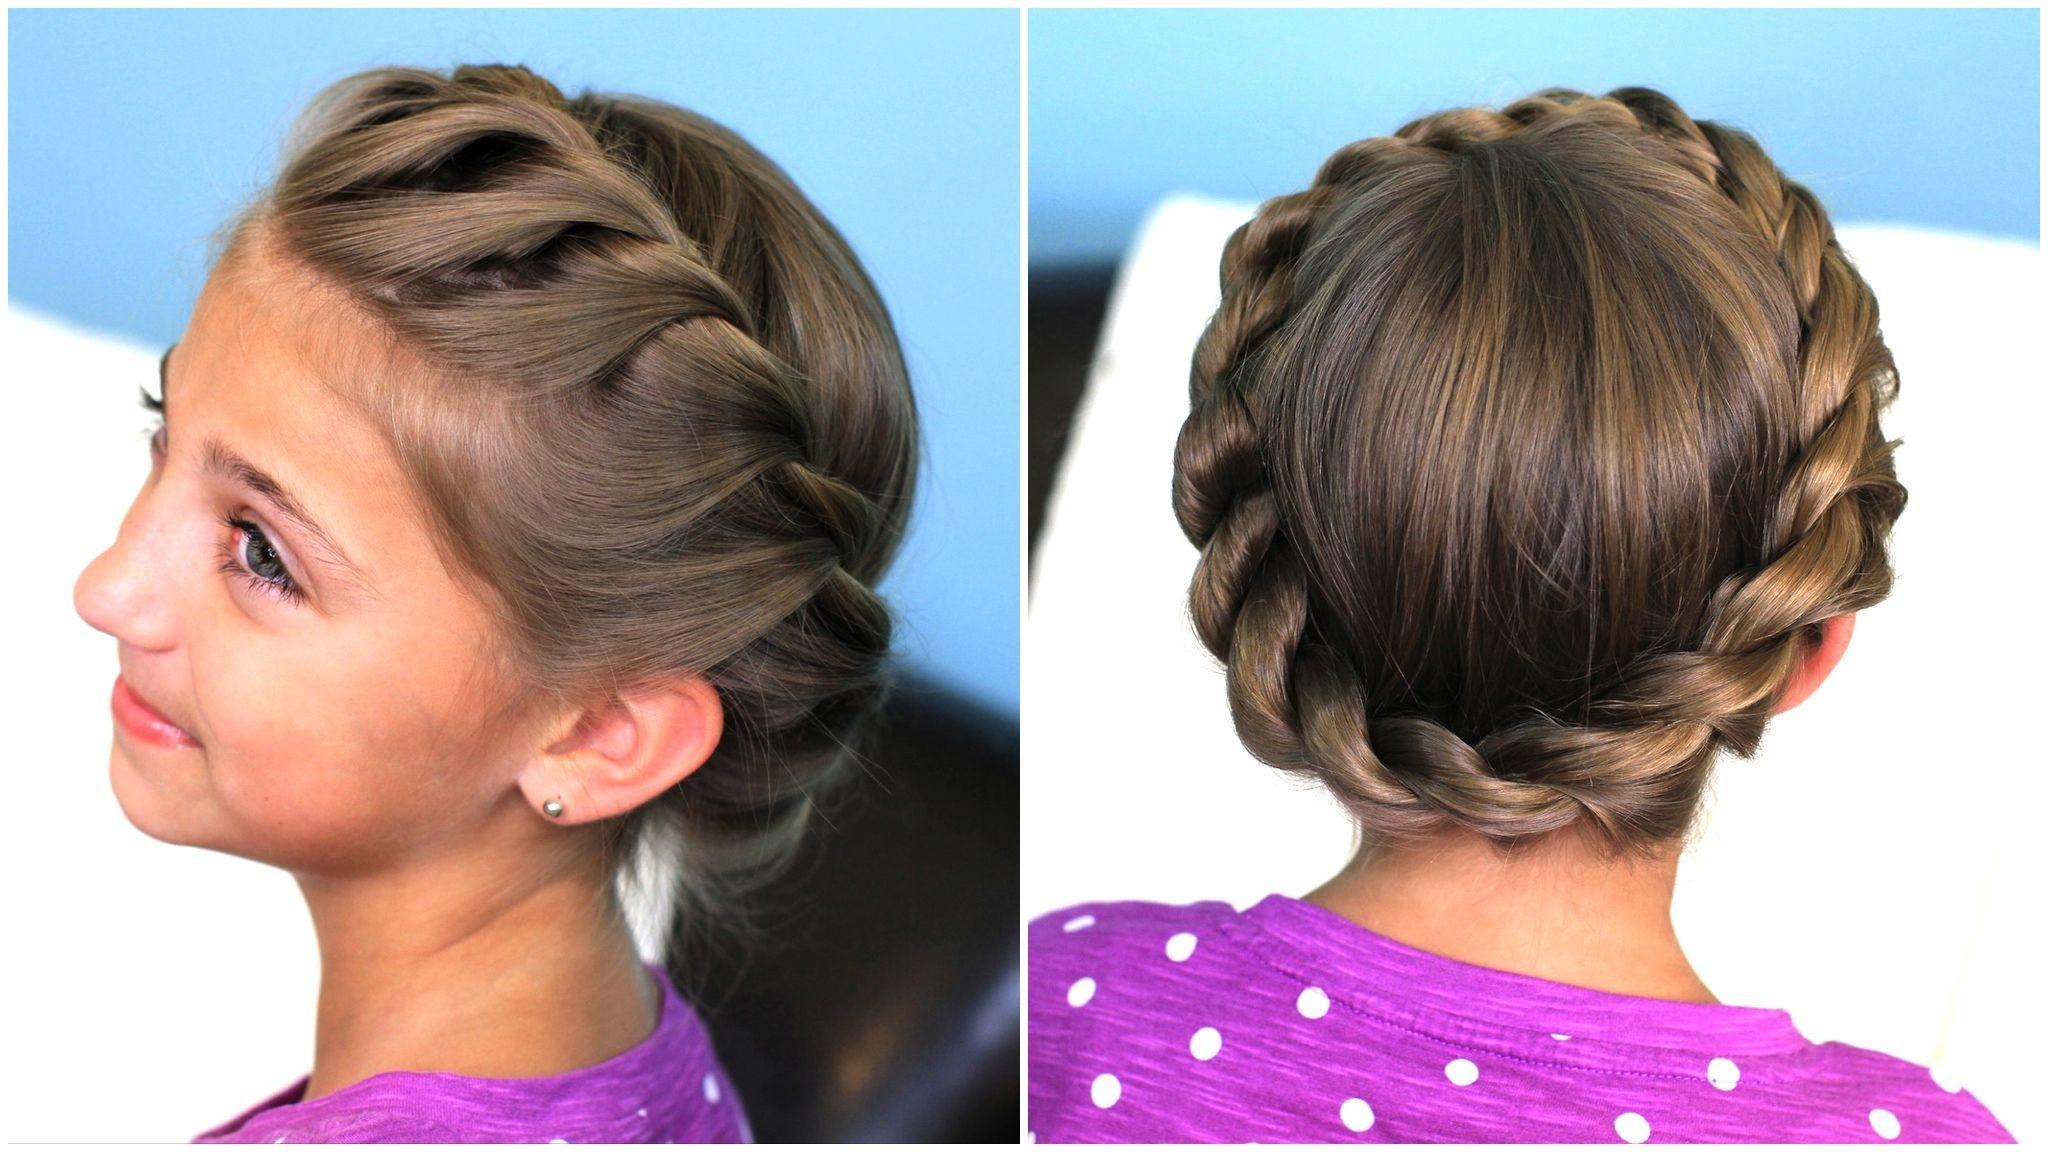 Crown rope twist braid updo hairstyles braid crown hairstyles